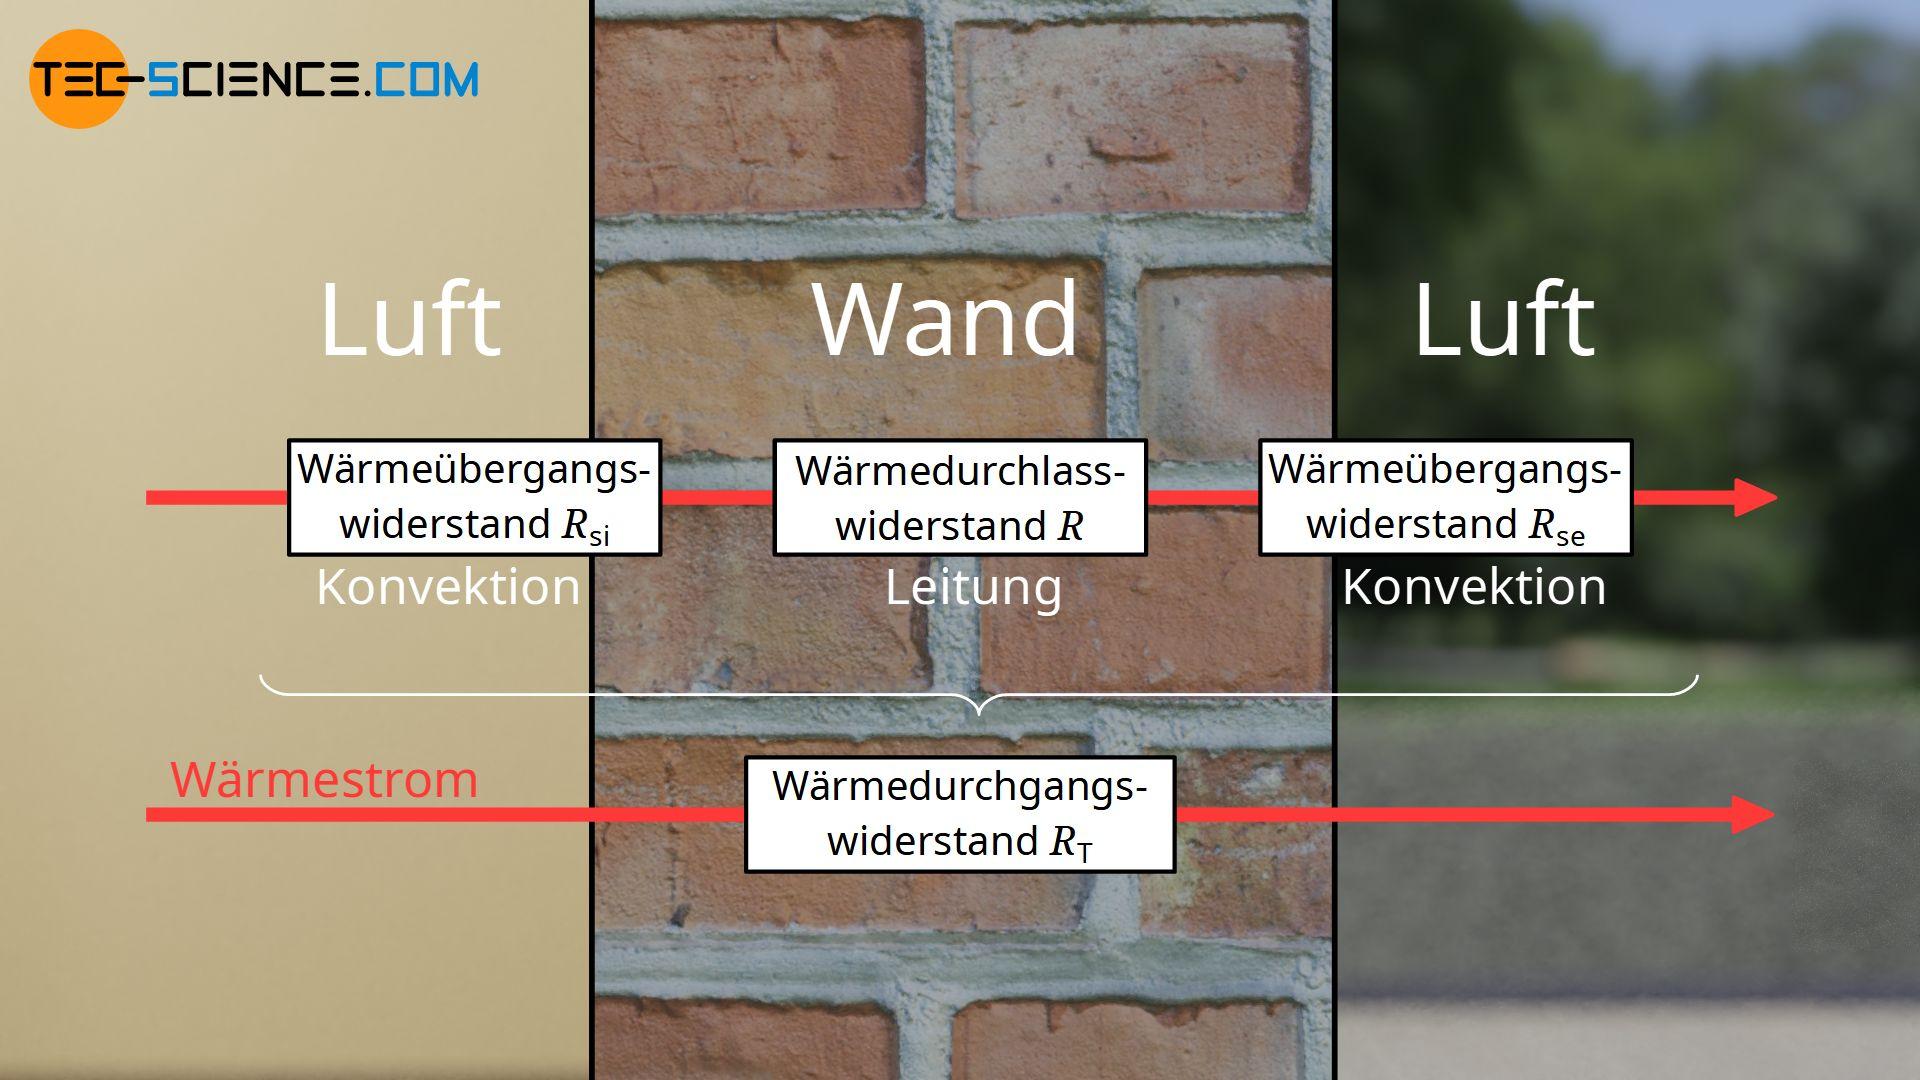 Unterschied zwischen Wärmeübergangswiderstand, Wärmedurchlasswiderstand und Wärmedurchgangswiderstand